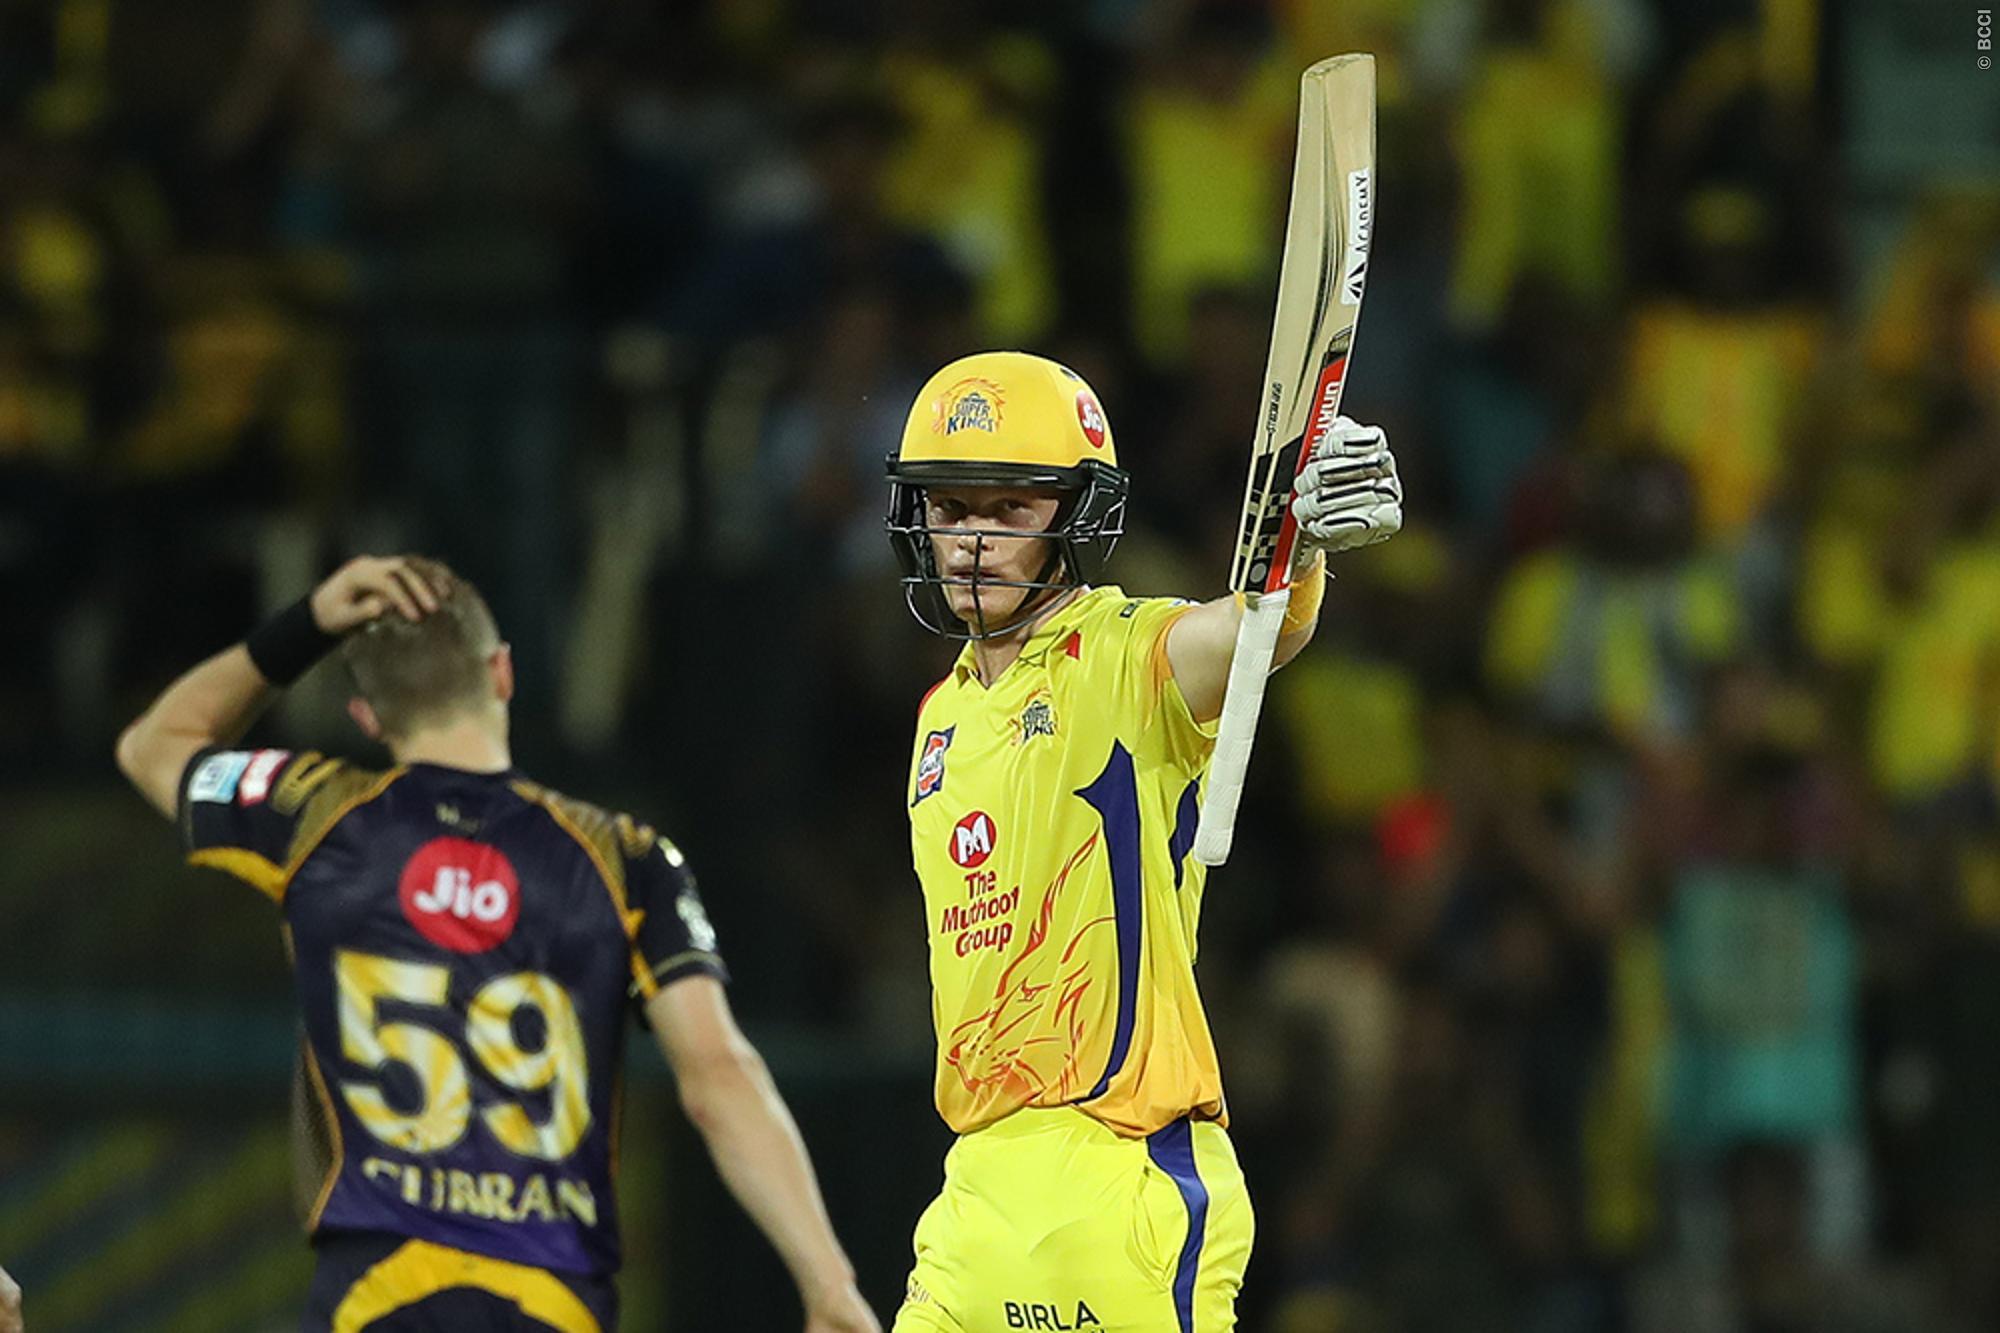 पांचवें मुकाबले में भी बाद में बल्लेबाजी करते हुए चेन्नई ने कोलकाता को पांच विकेट से हरा दिया था.